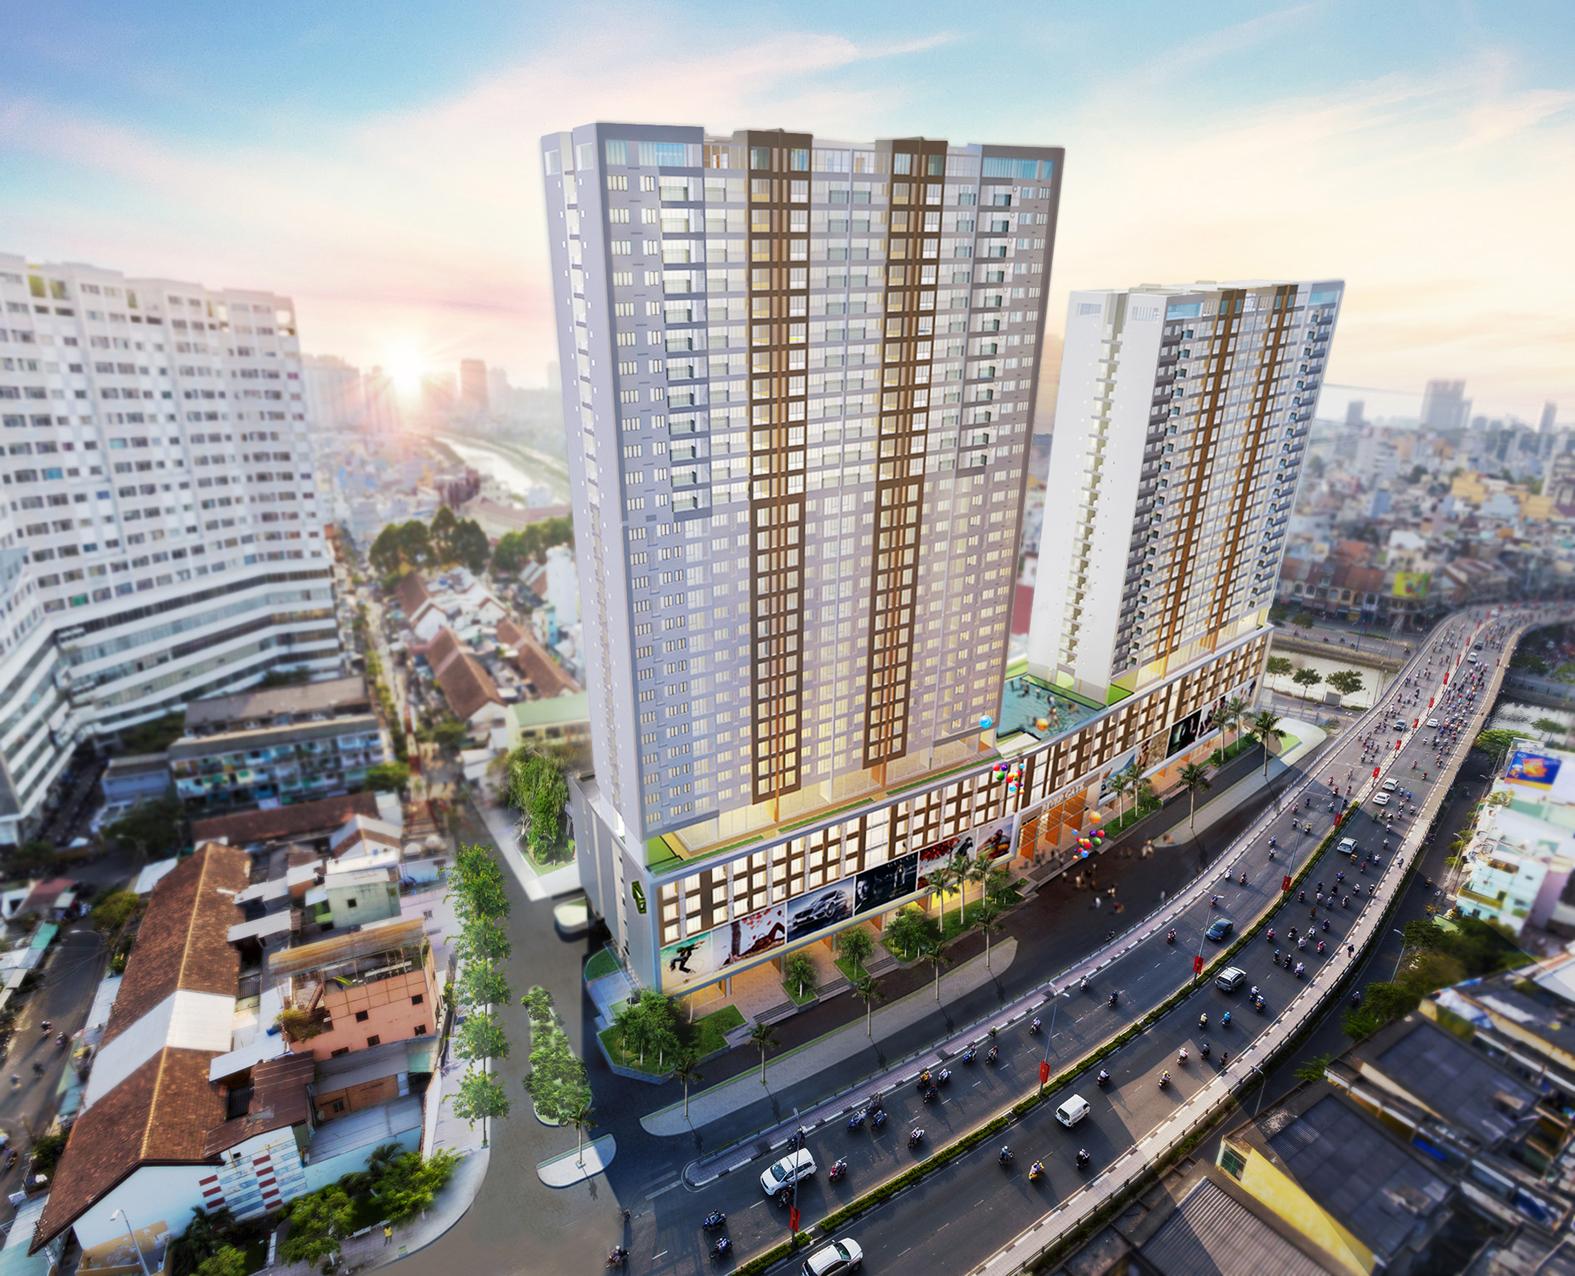 Gần cuối năm rất nhiều người mua tìm căn hộ chung cư tầm trung